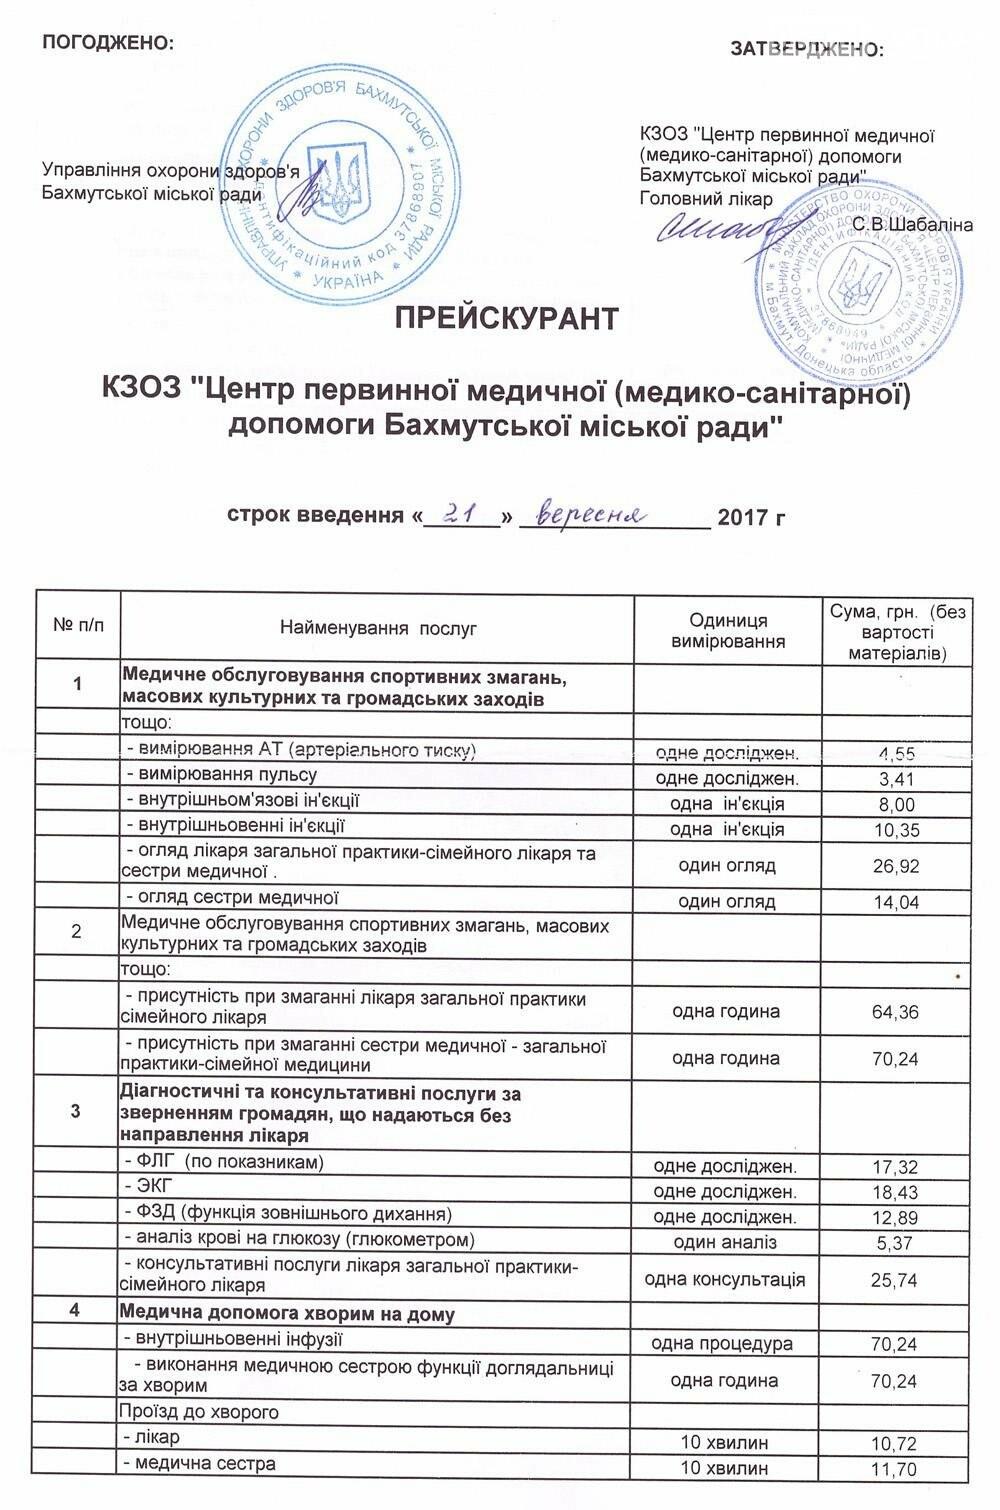 ЦПМСП Бахмута опубликовал тарифы на некоторые платные медицинские услуги, фото-1